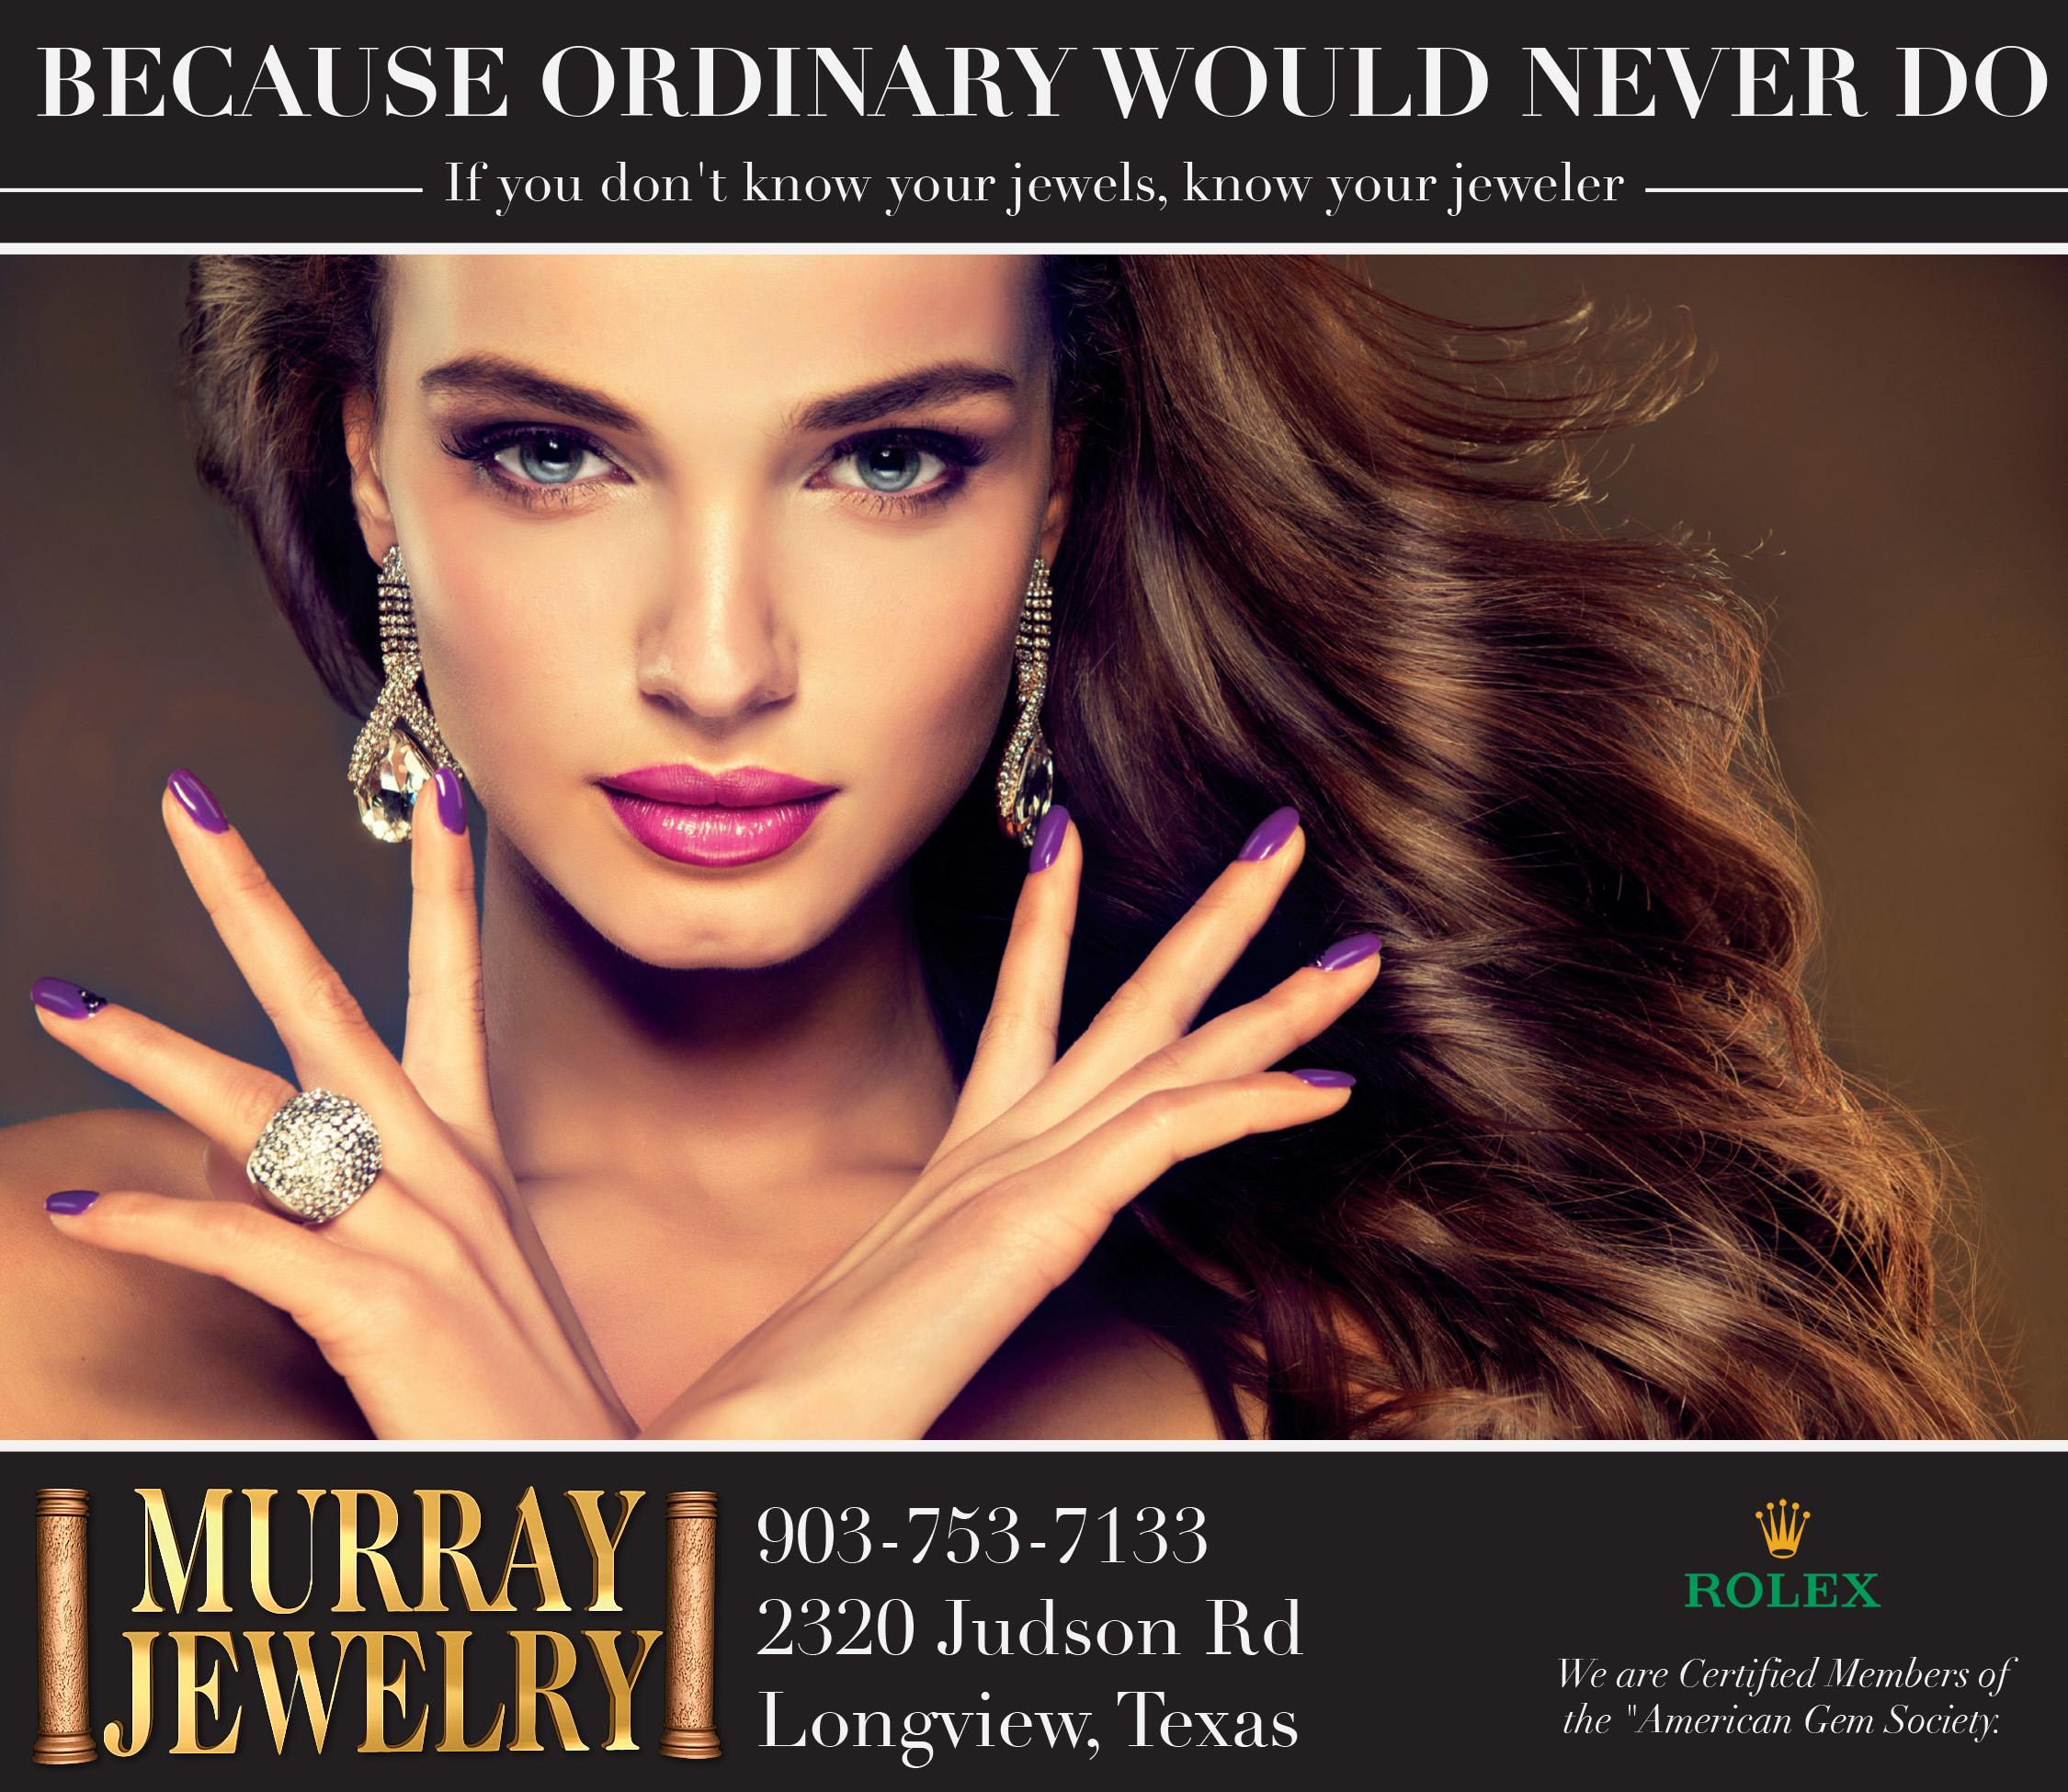 Jeweler_3